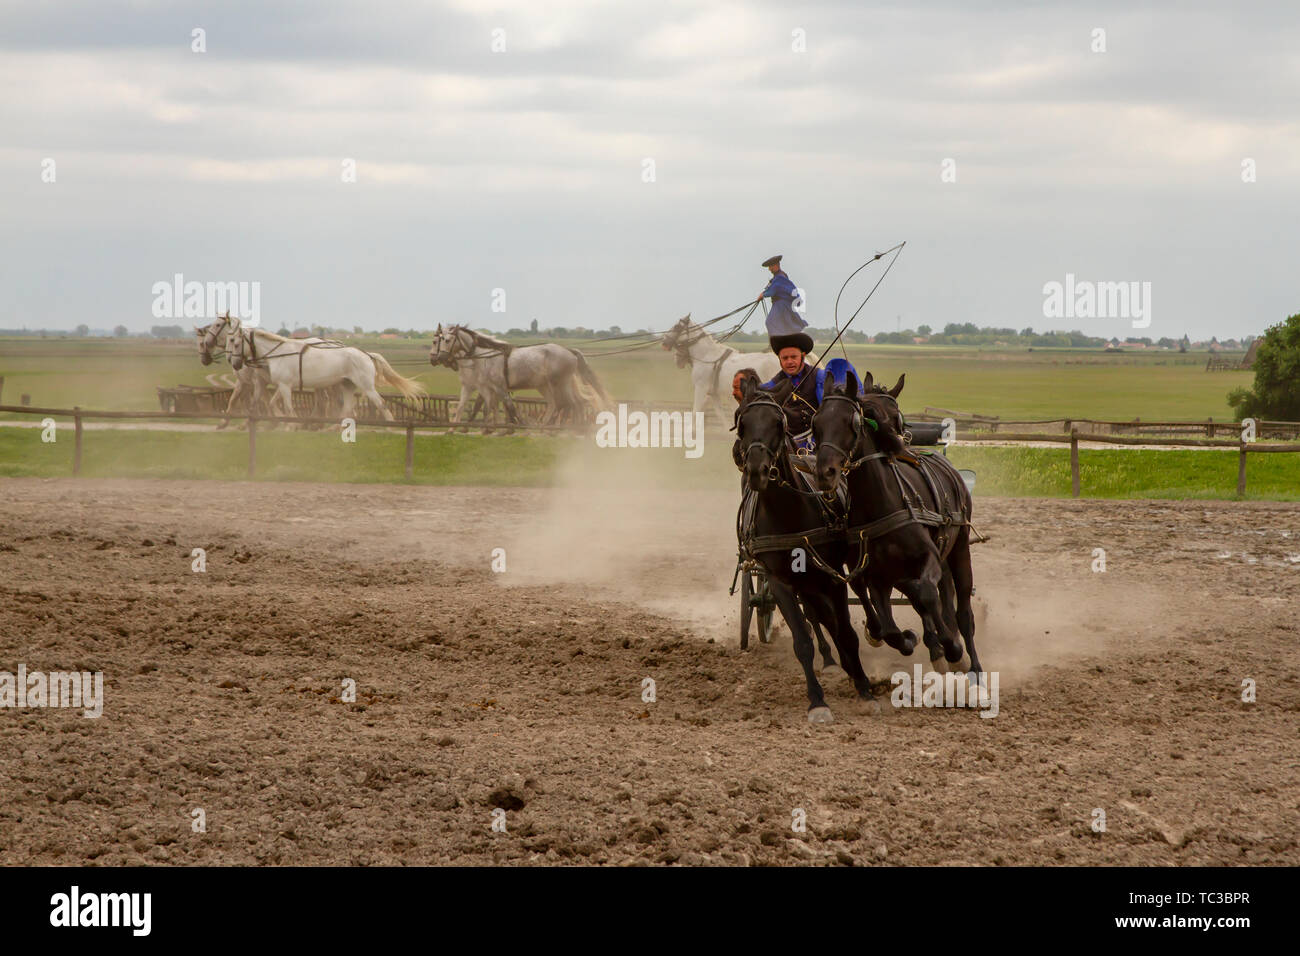 Kalocsa, Puszta, Hungary - May 23, 2019 :  Csikos Hungarian equestrains performing stunts in corral. Stock Photo